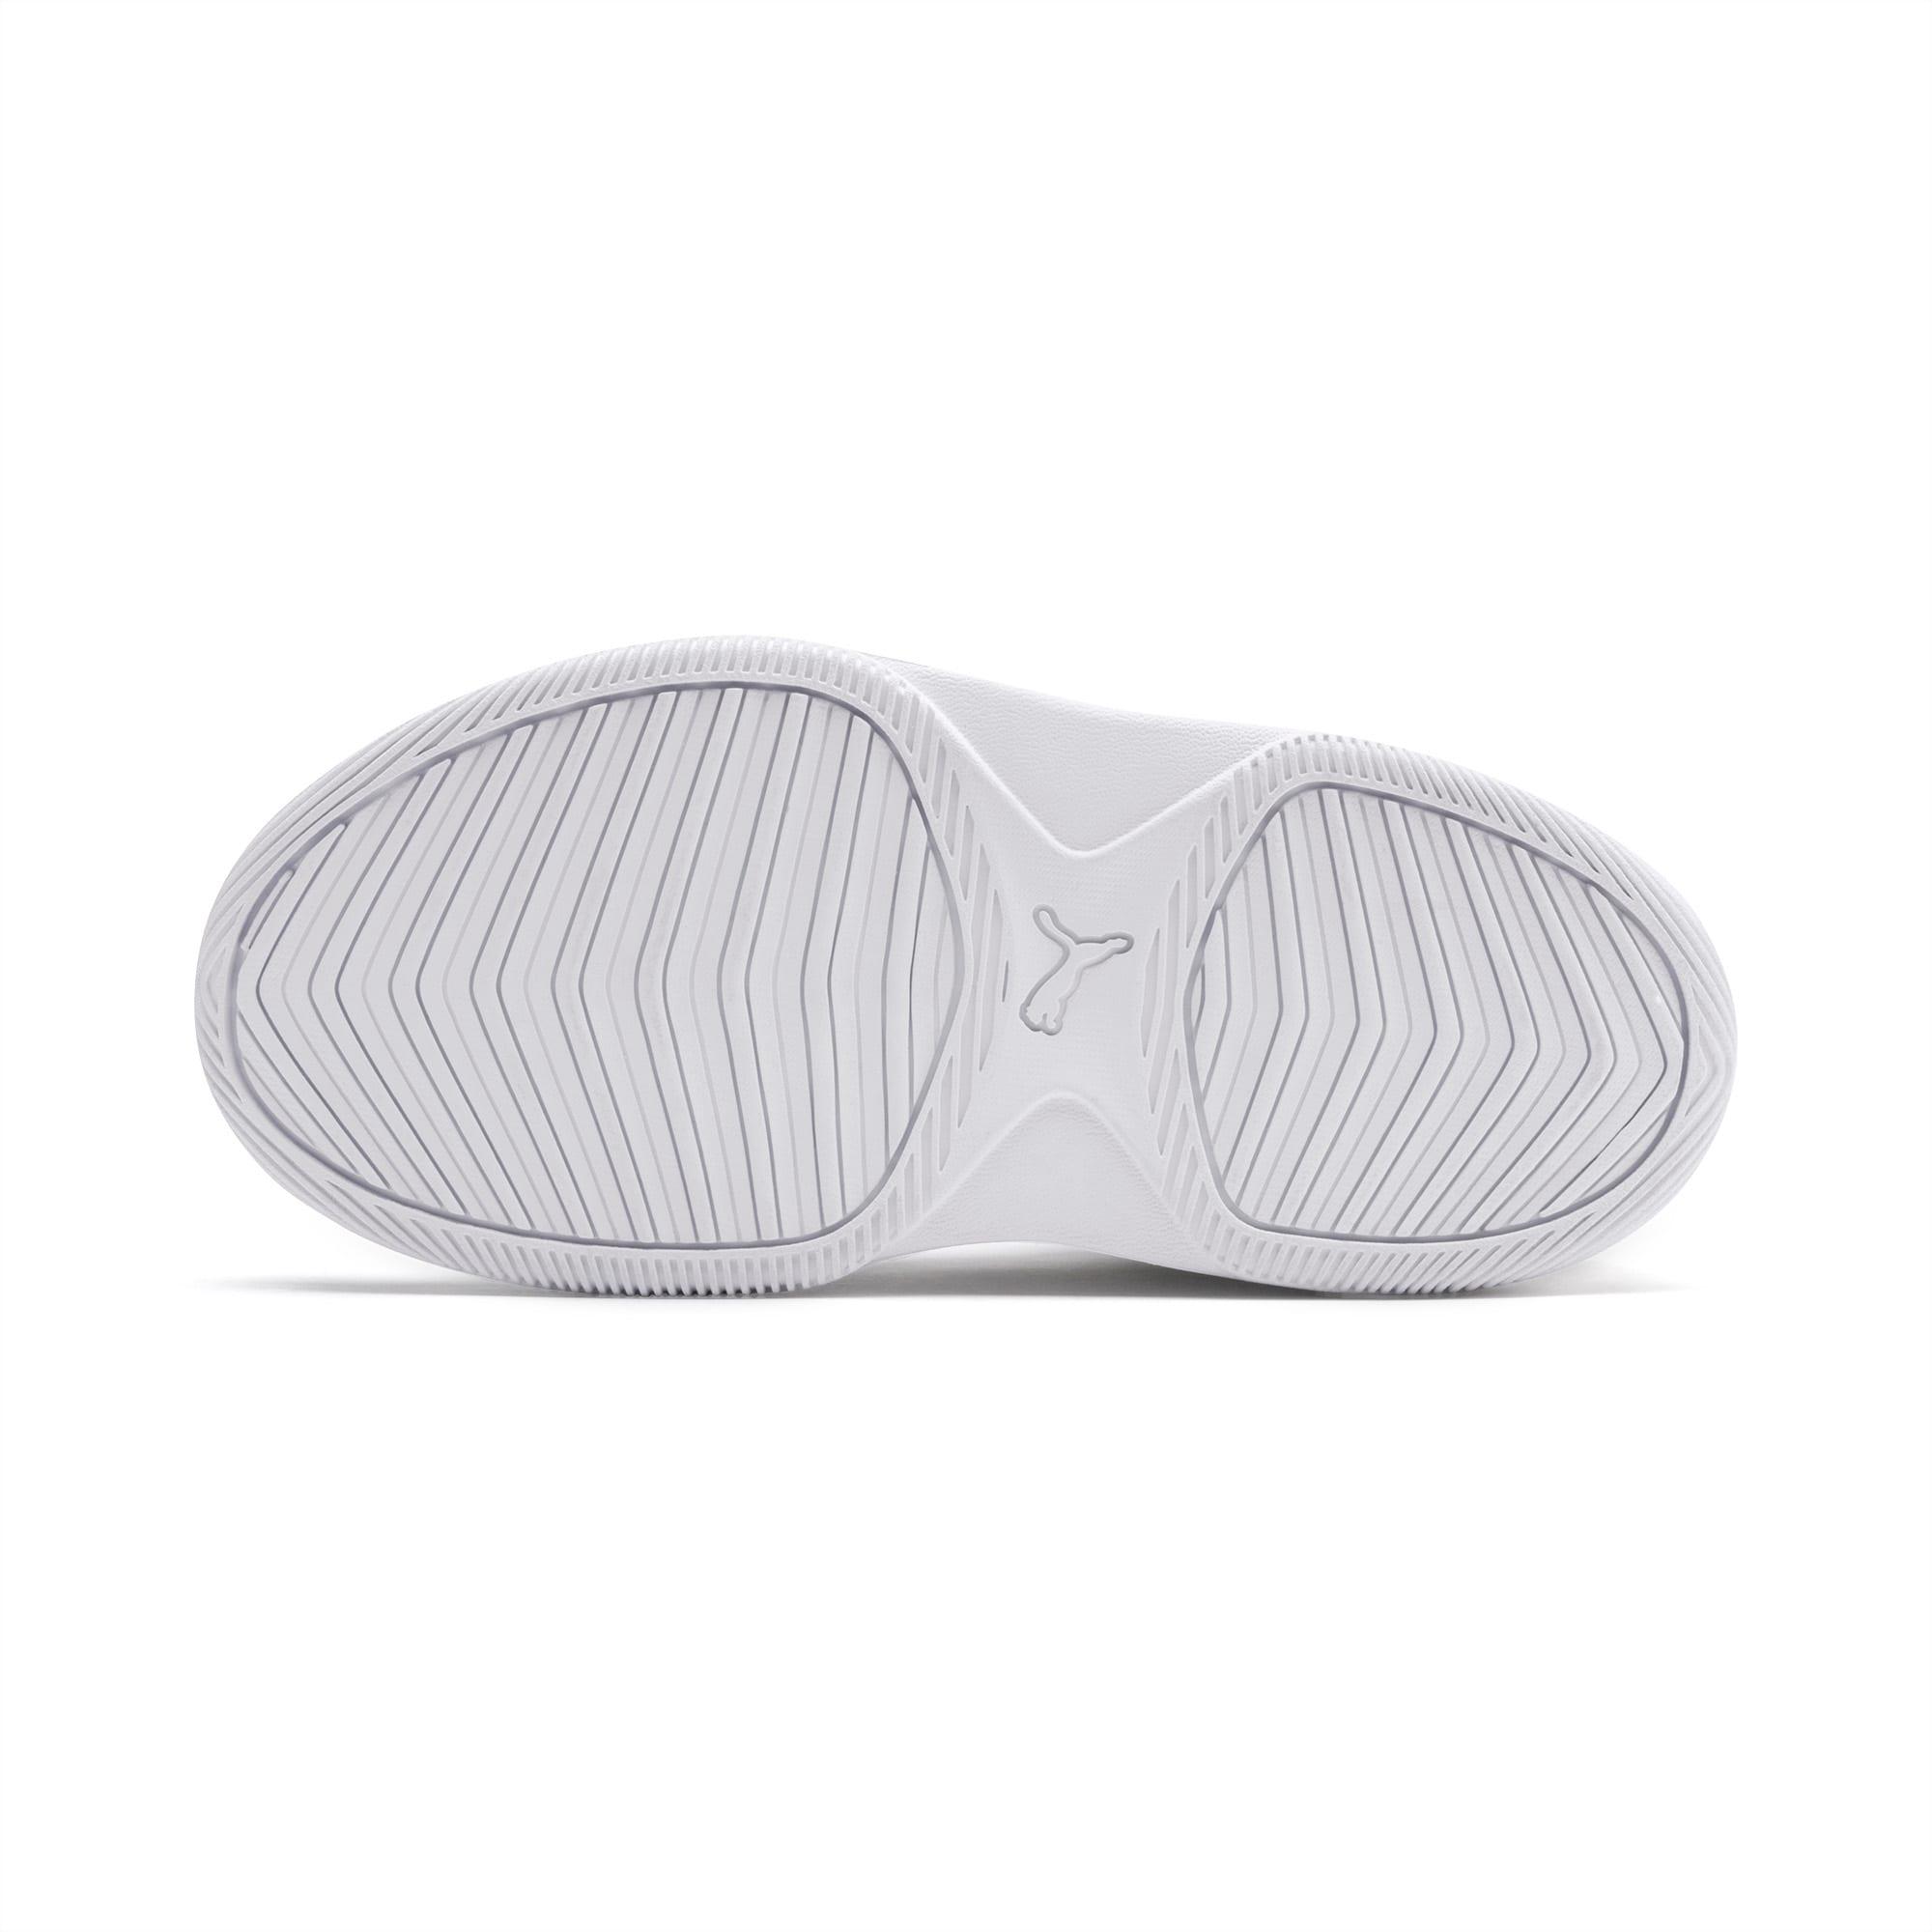 PUMA Rebound Playoff SL Little Kids' Shoes